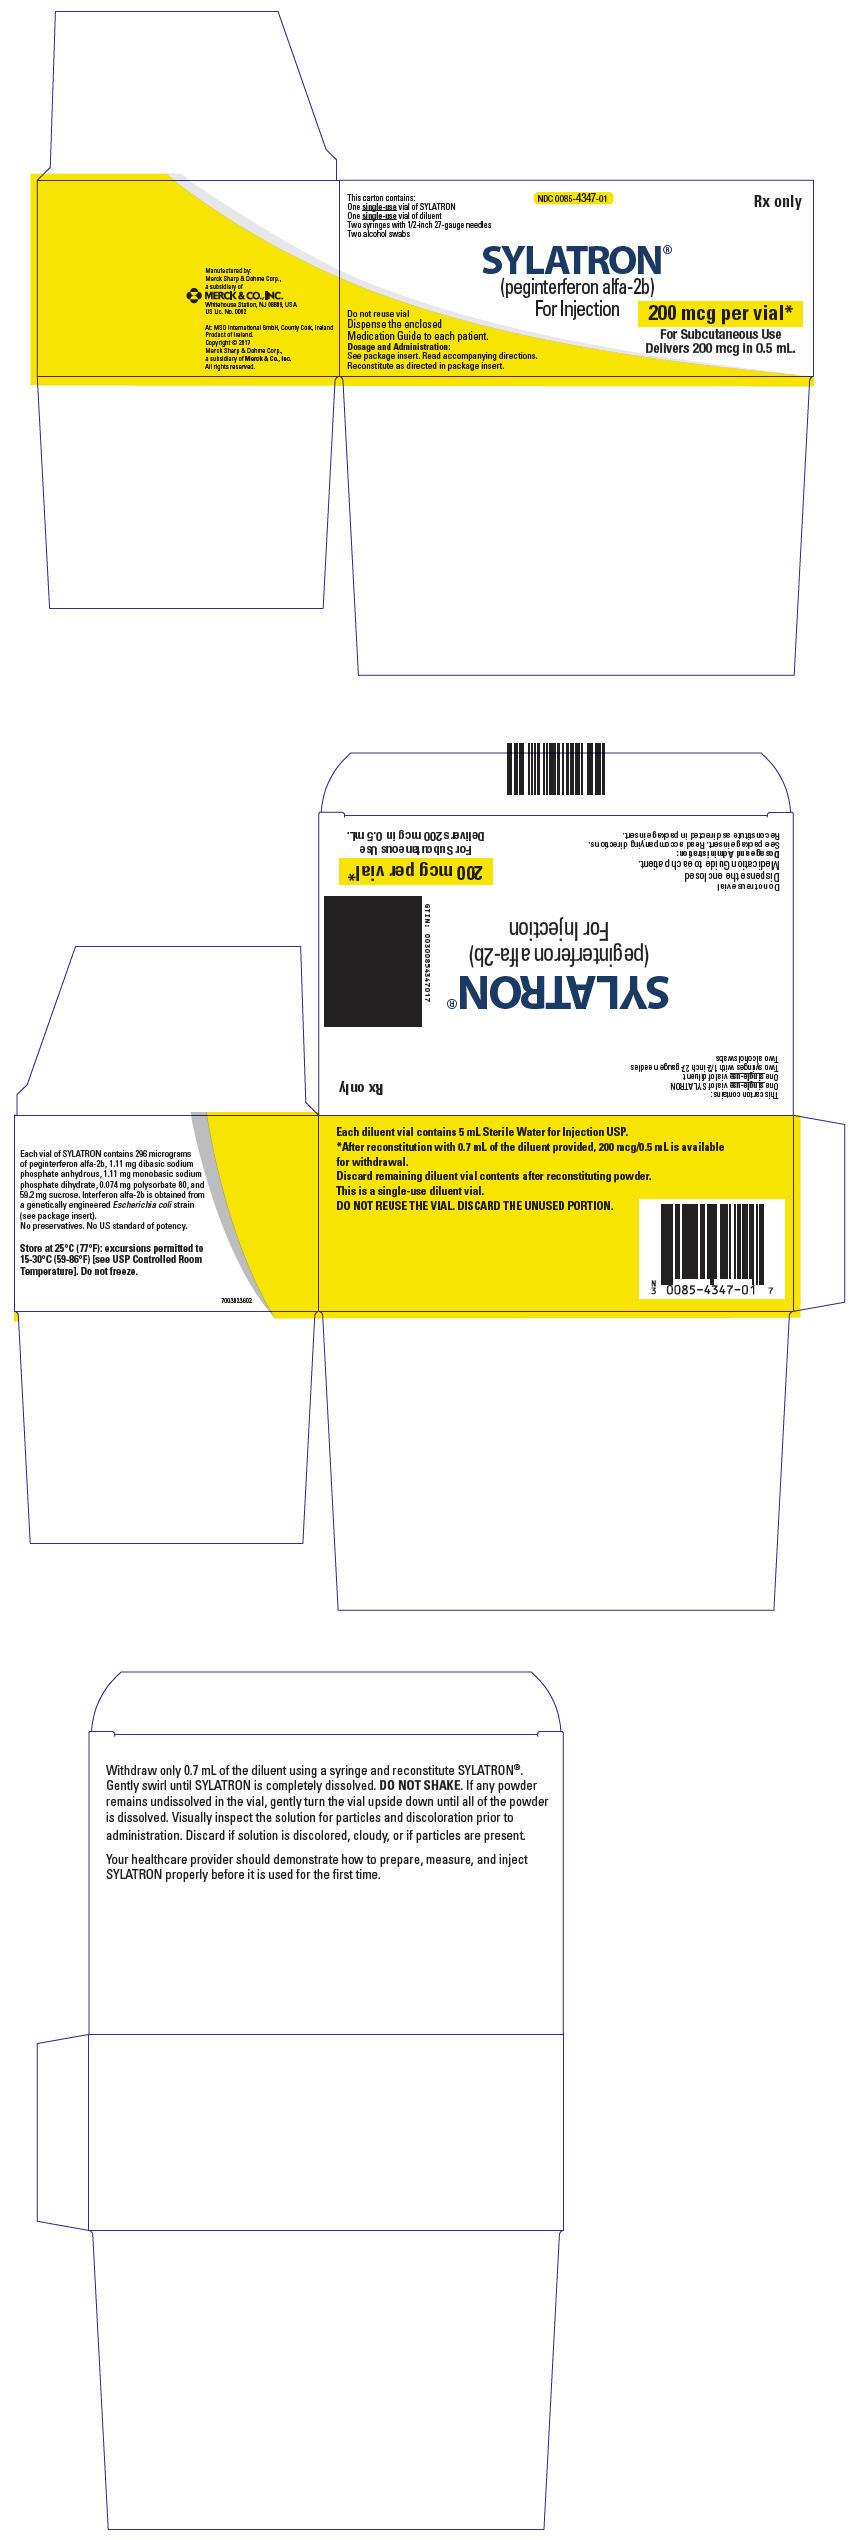 PRINCIPAL DISPLAY PANEL - Kit Carton - 200 mcg